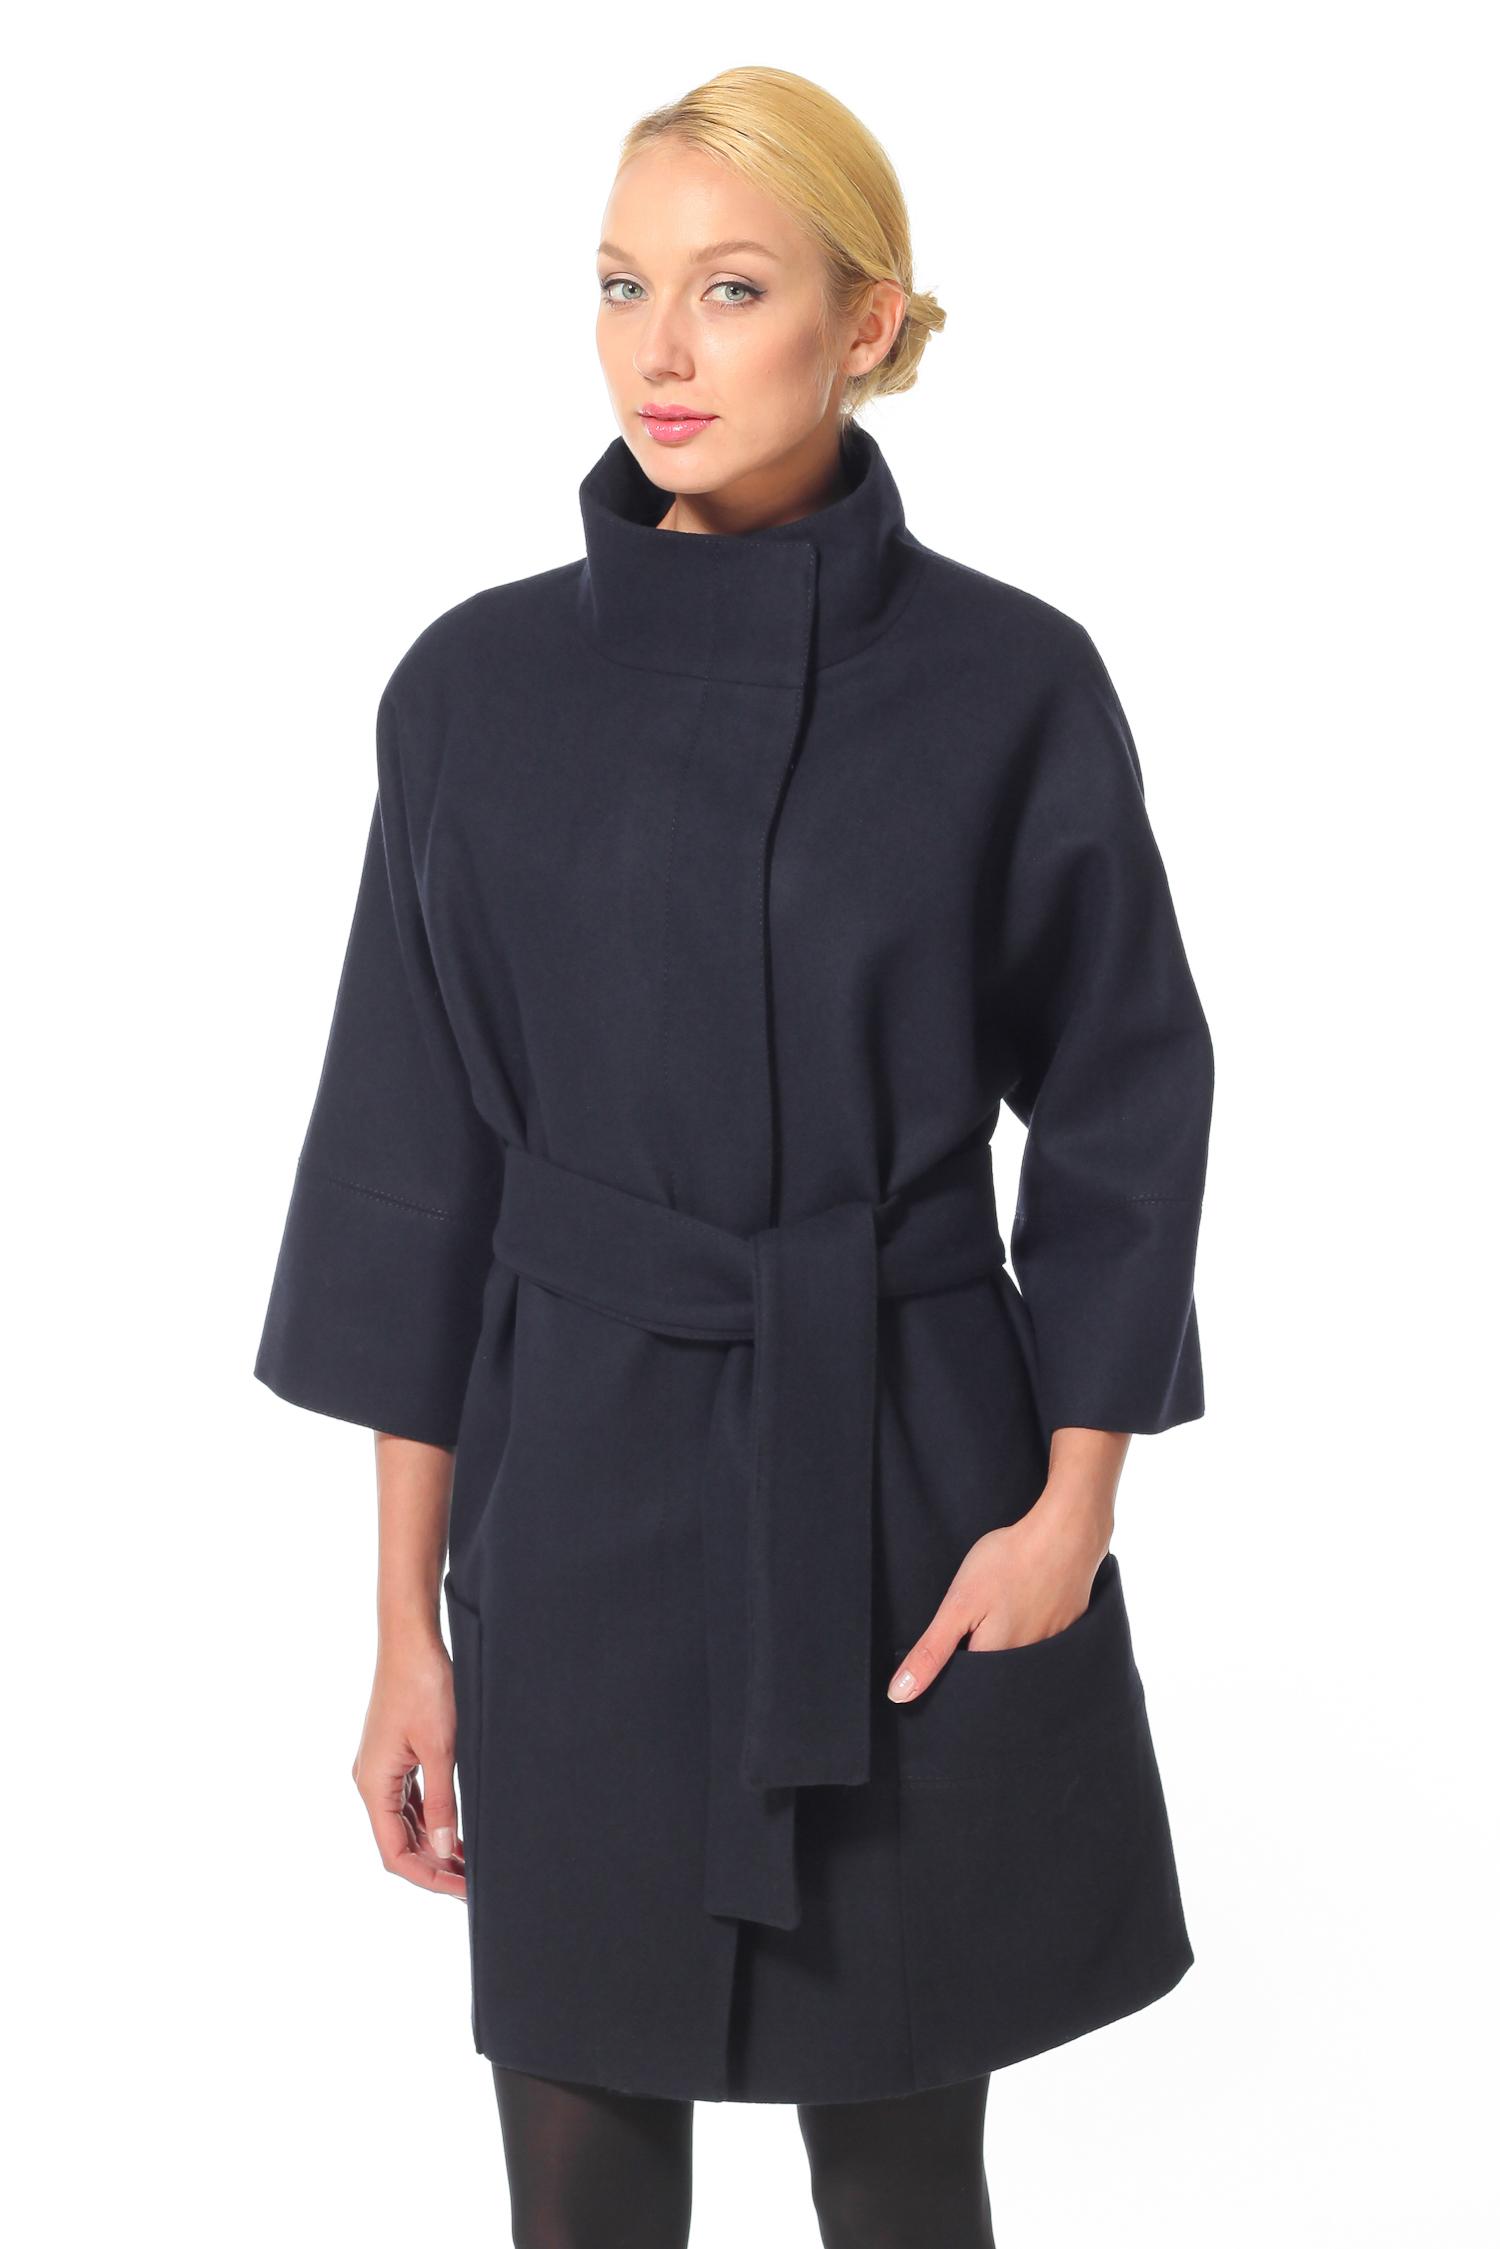 Женское пальто с воротником, без отделки<br><br>Воротник: Стойка<br>Длина см: 90<br>Материал: 80% шерсть 20% полиамид<br>Цвет: Темно-синий<br>Пол: Женский